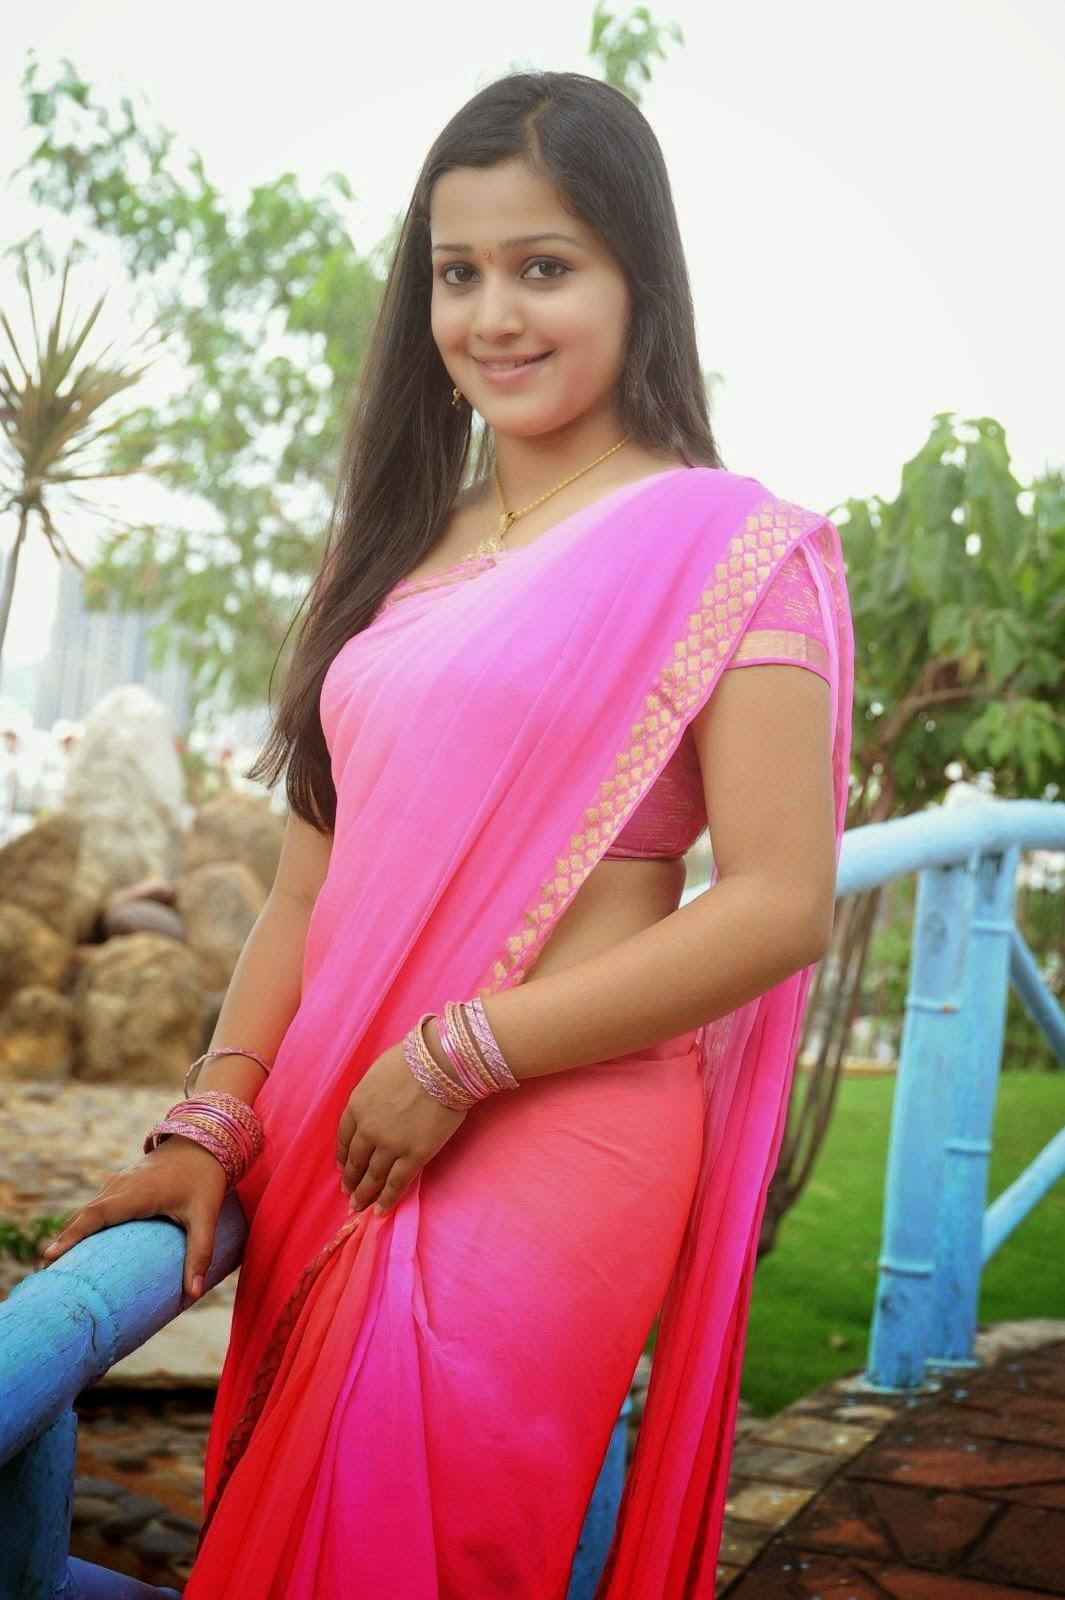 Indian Hot Actress Samskruthy Shenoy In Pink Saree